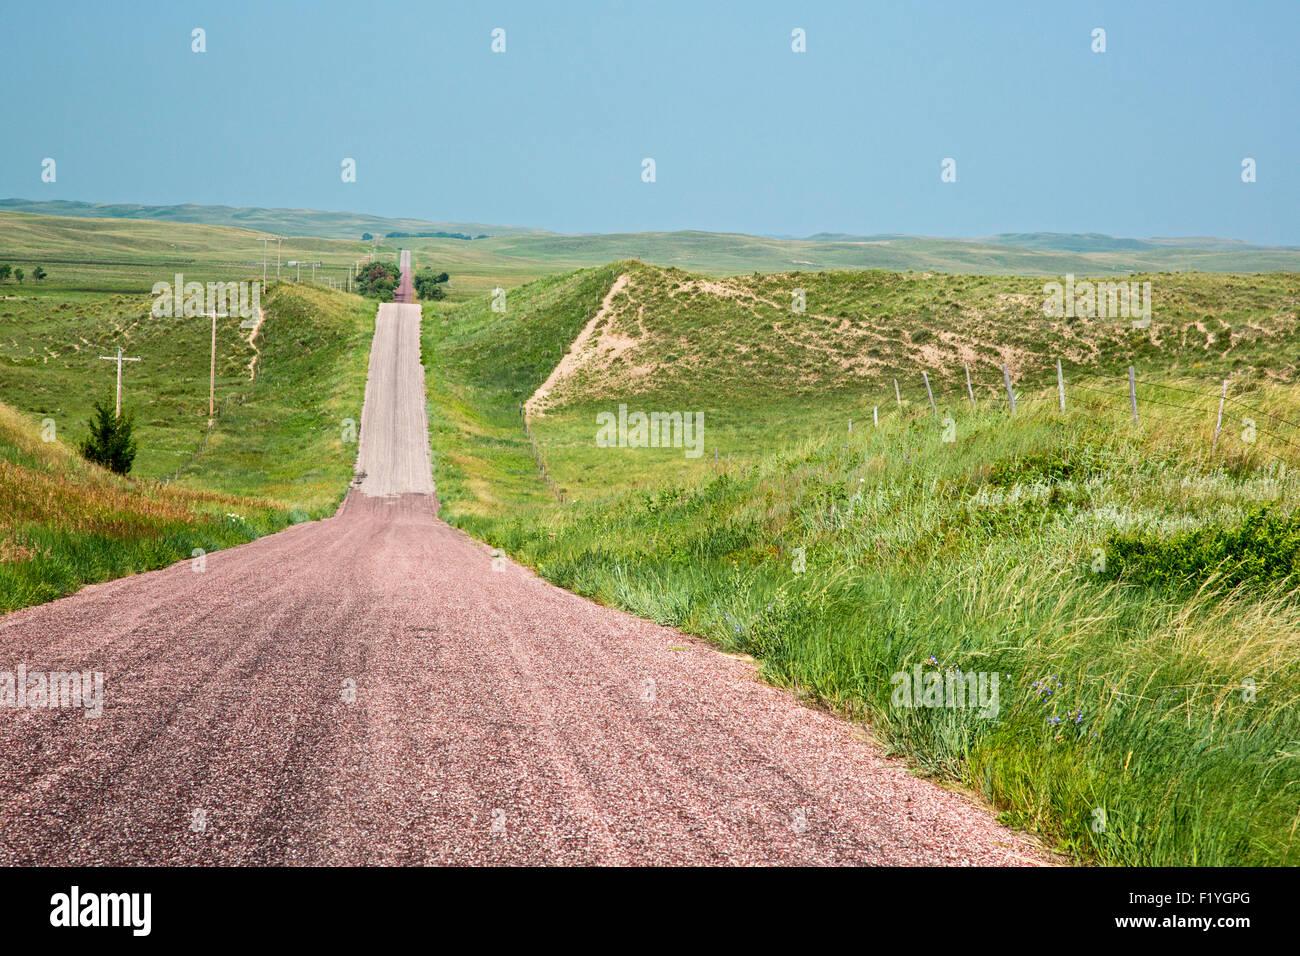 Valentine, Nebraska   A Rural Road In The Nebraska Sandhills